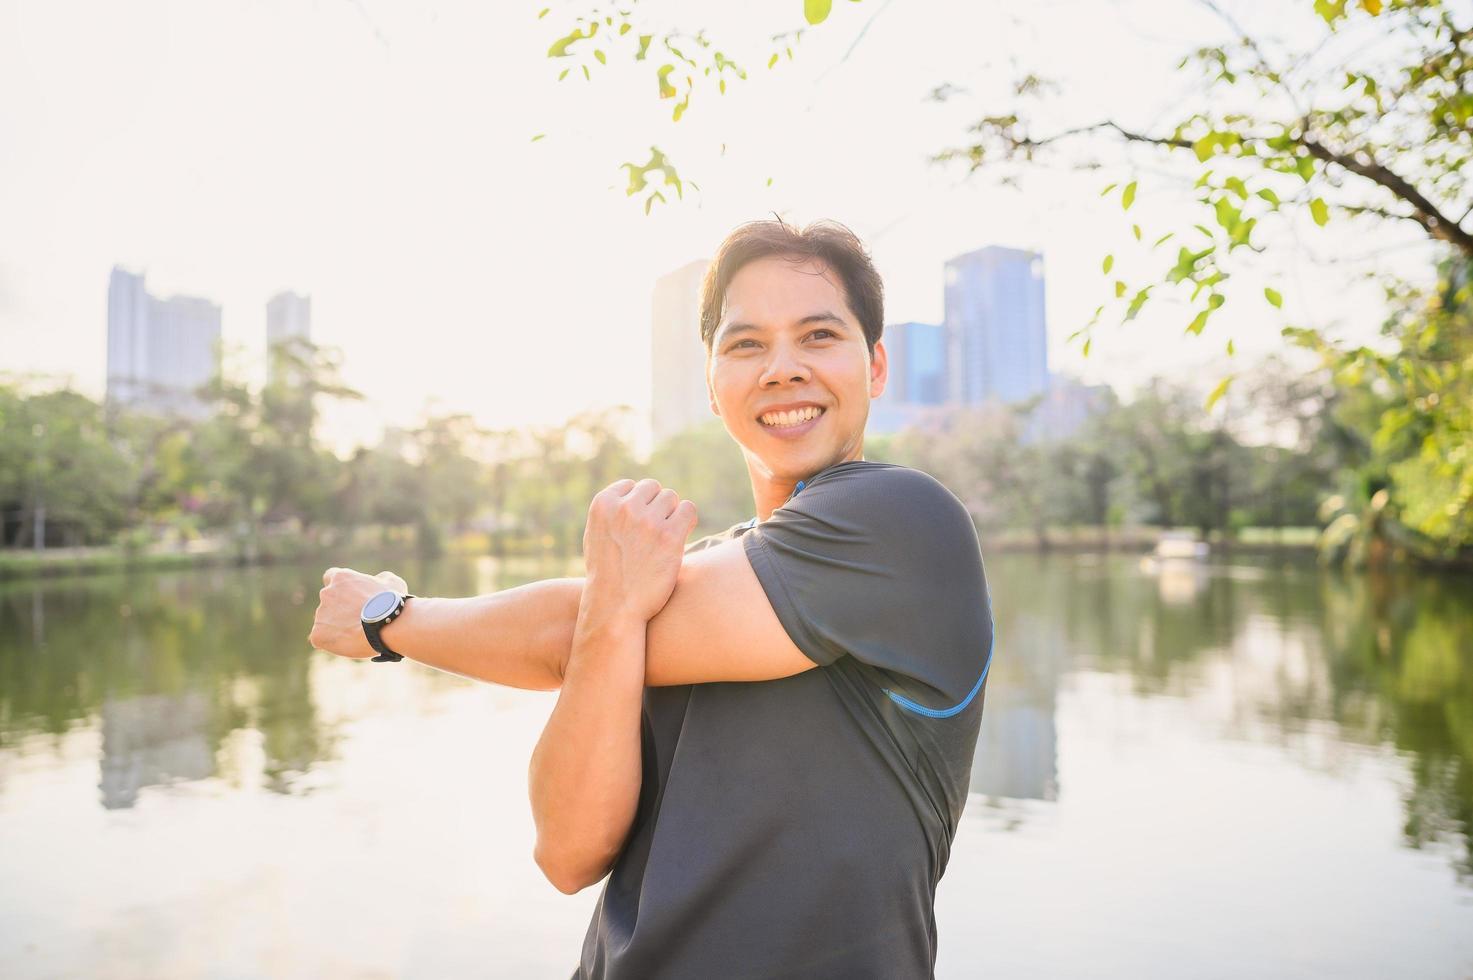 männlicher Läufer, der Schulterdehnungsübung macht foto